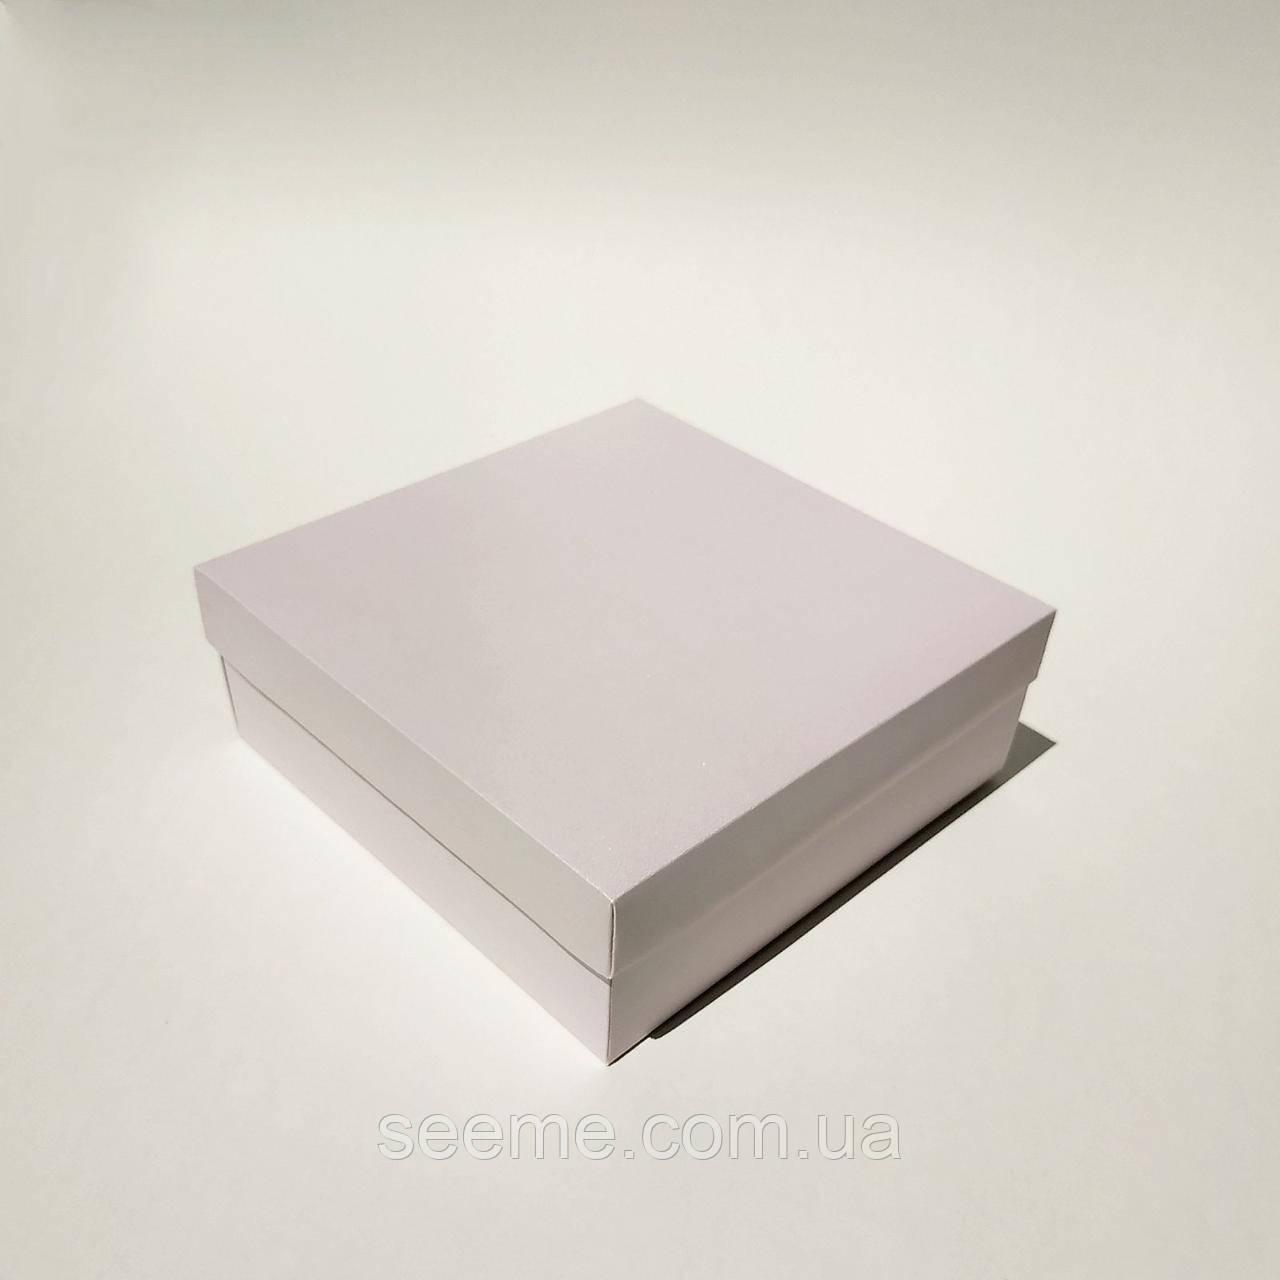 Коробка подарункова 200х200х70 мм, перламутровий колір персик\бордо